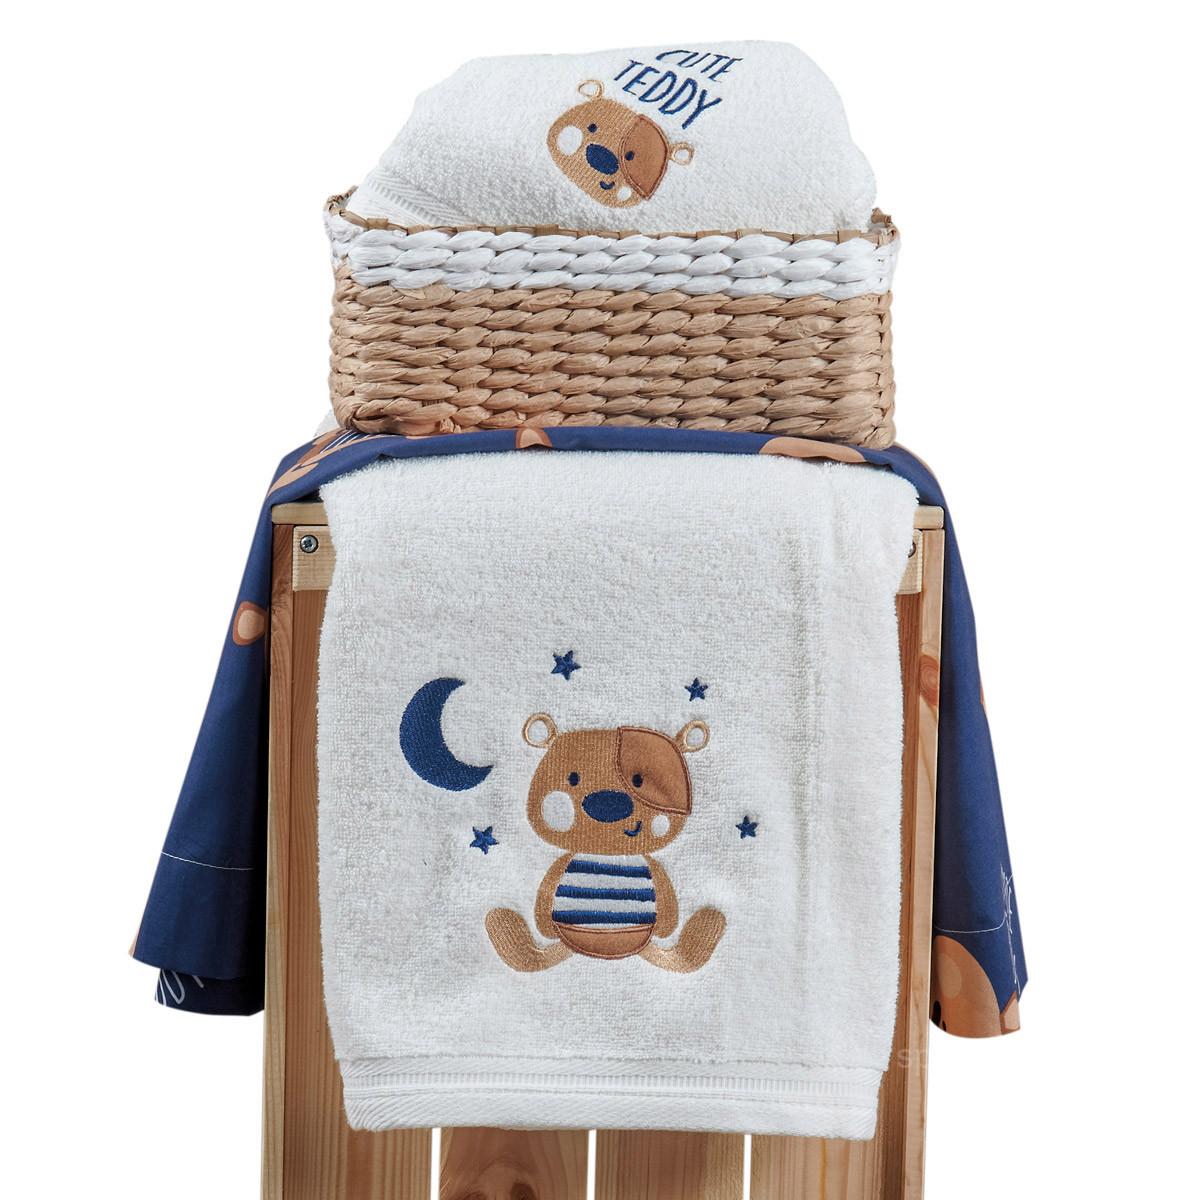 Βρεφικές Πετσέτες (Σετ 2τμχ) Kentia Baby Pookie